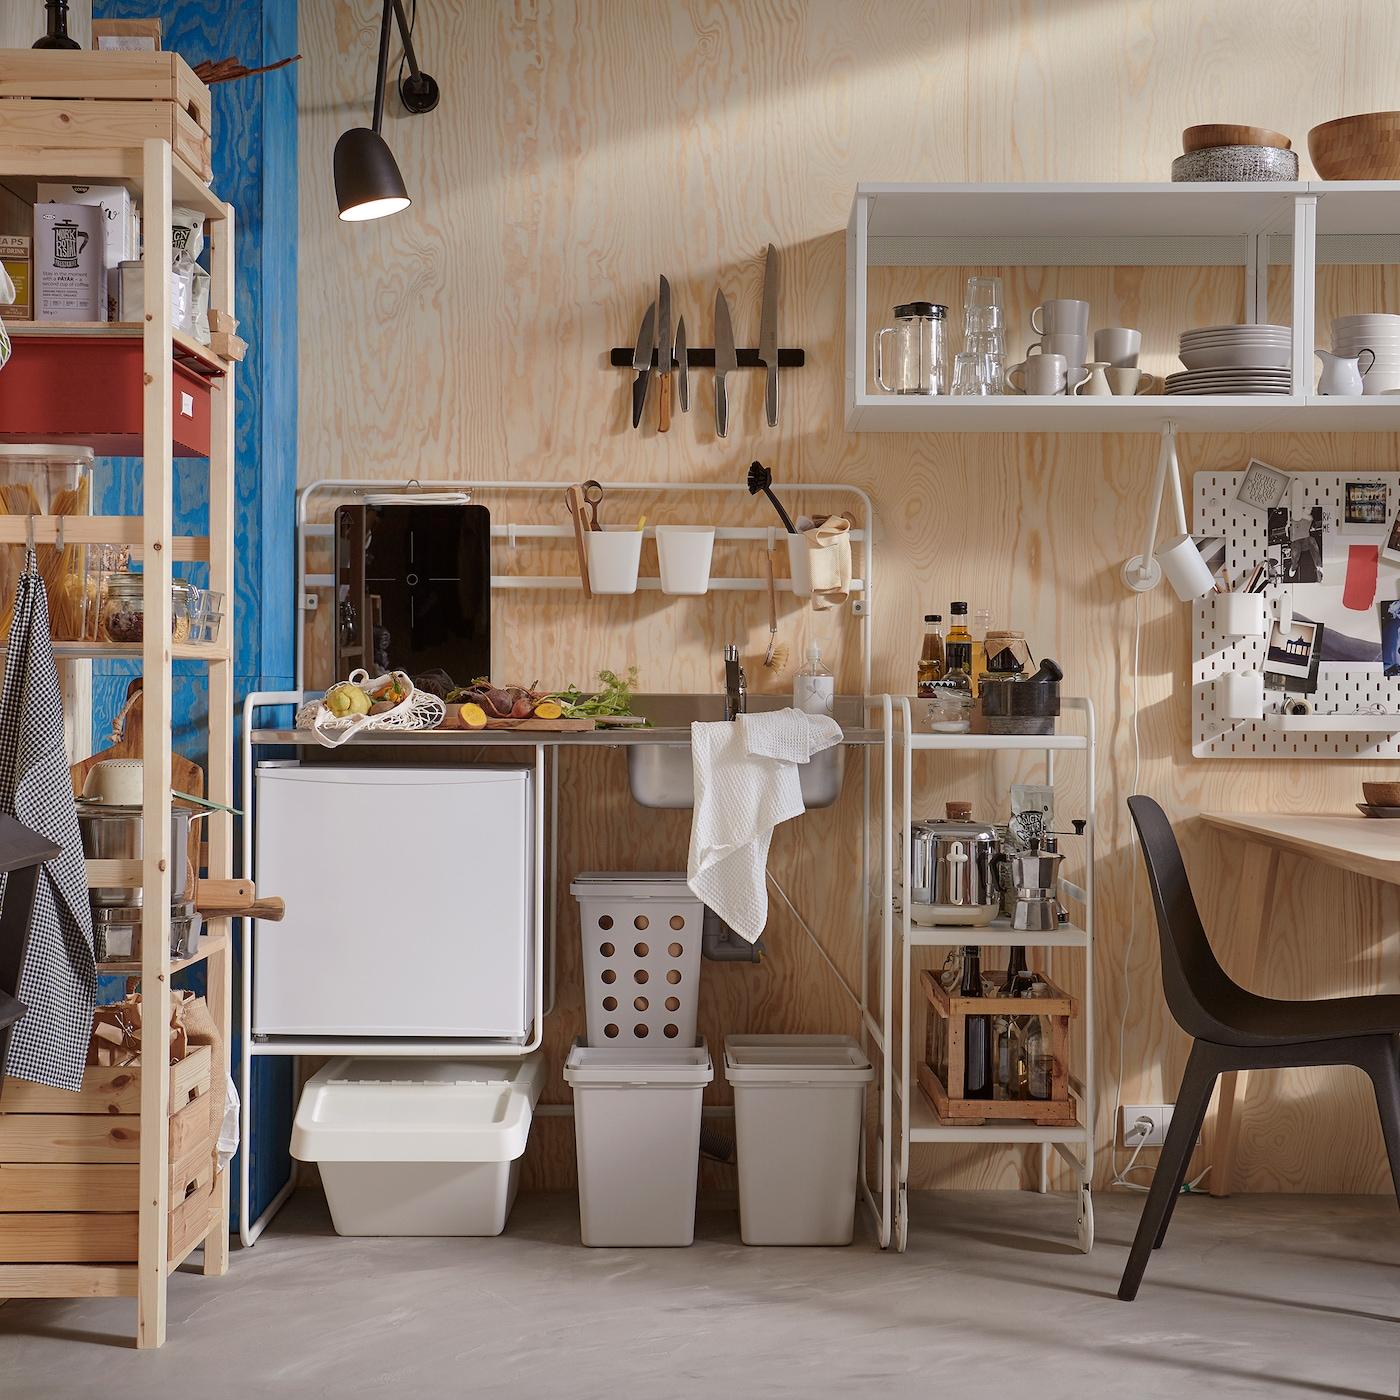 مطبخ صغير ومشرق مع مطبخ صغير SUNNERSTA، وحاويات فرز نفايات رمادية، ونظام تخزين من خشب الصنوبر وكراسي سوداء.